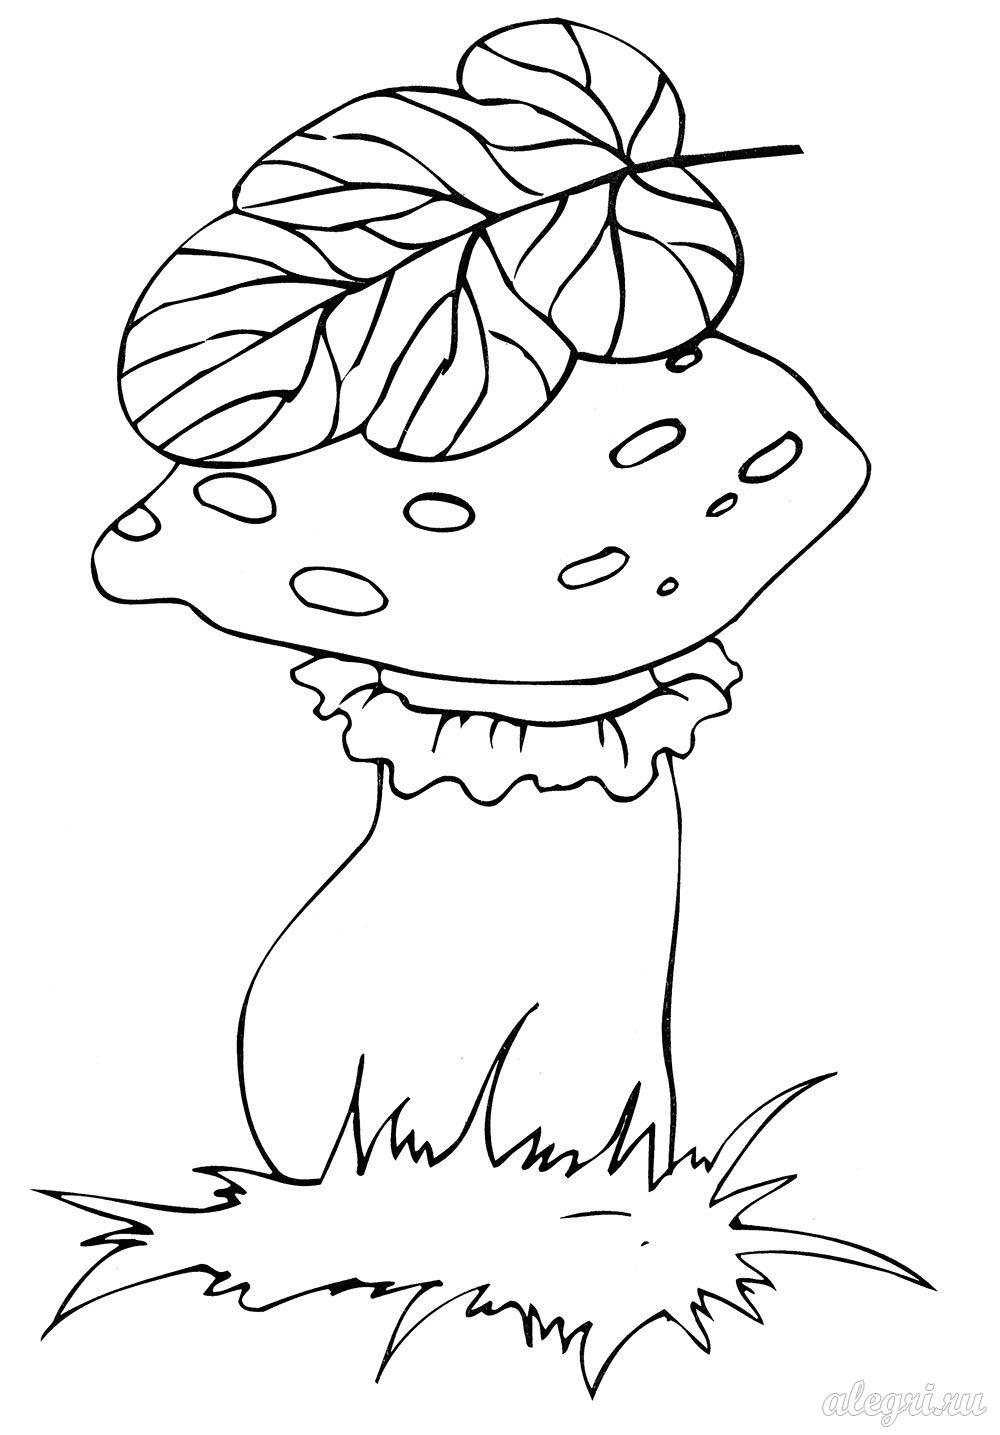 Осенняя раскраска для детей старшего дошкольного возраста